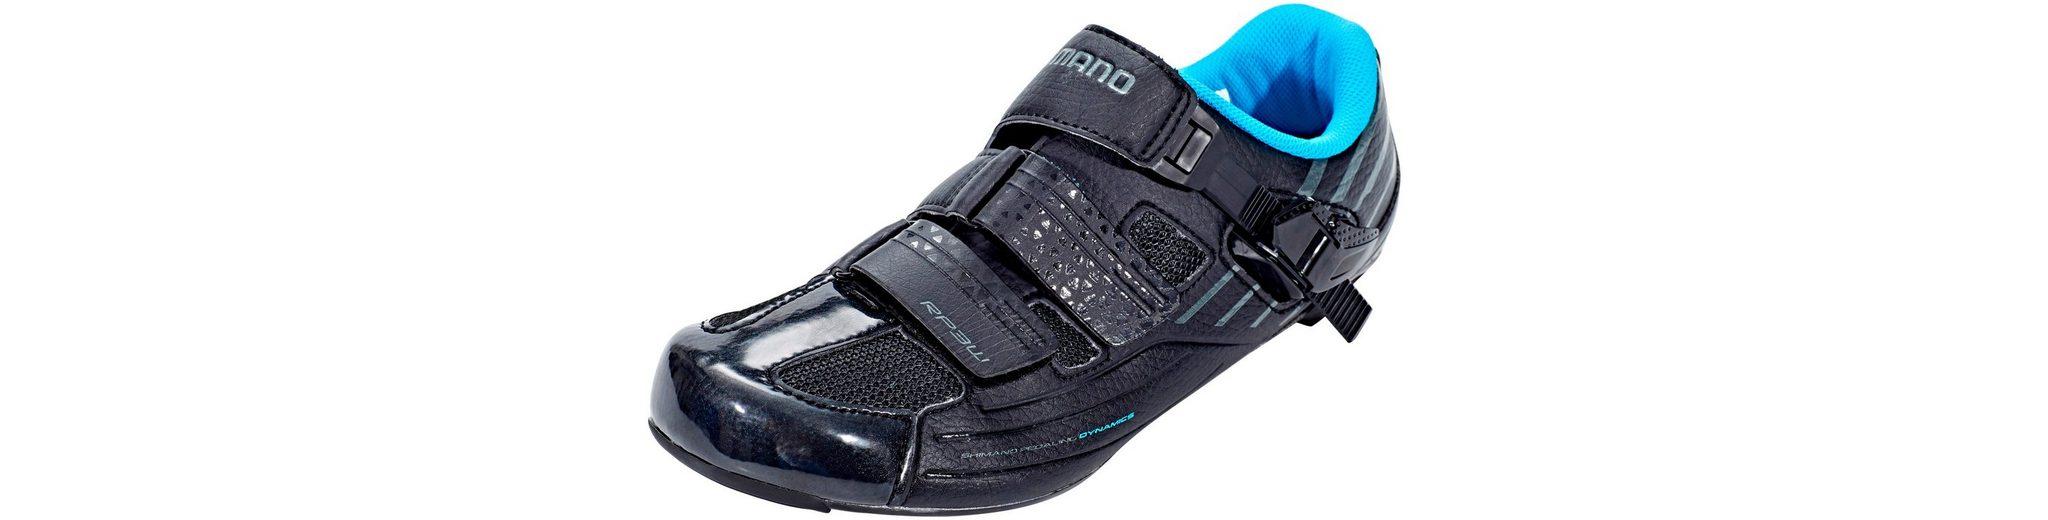 Shimano Fahrradschuh SH-RP3L Schuhe Damen